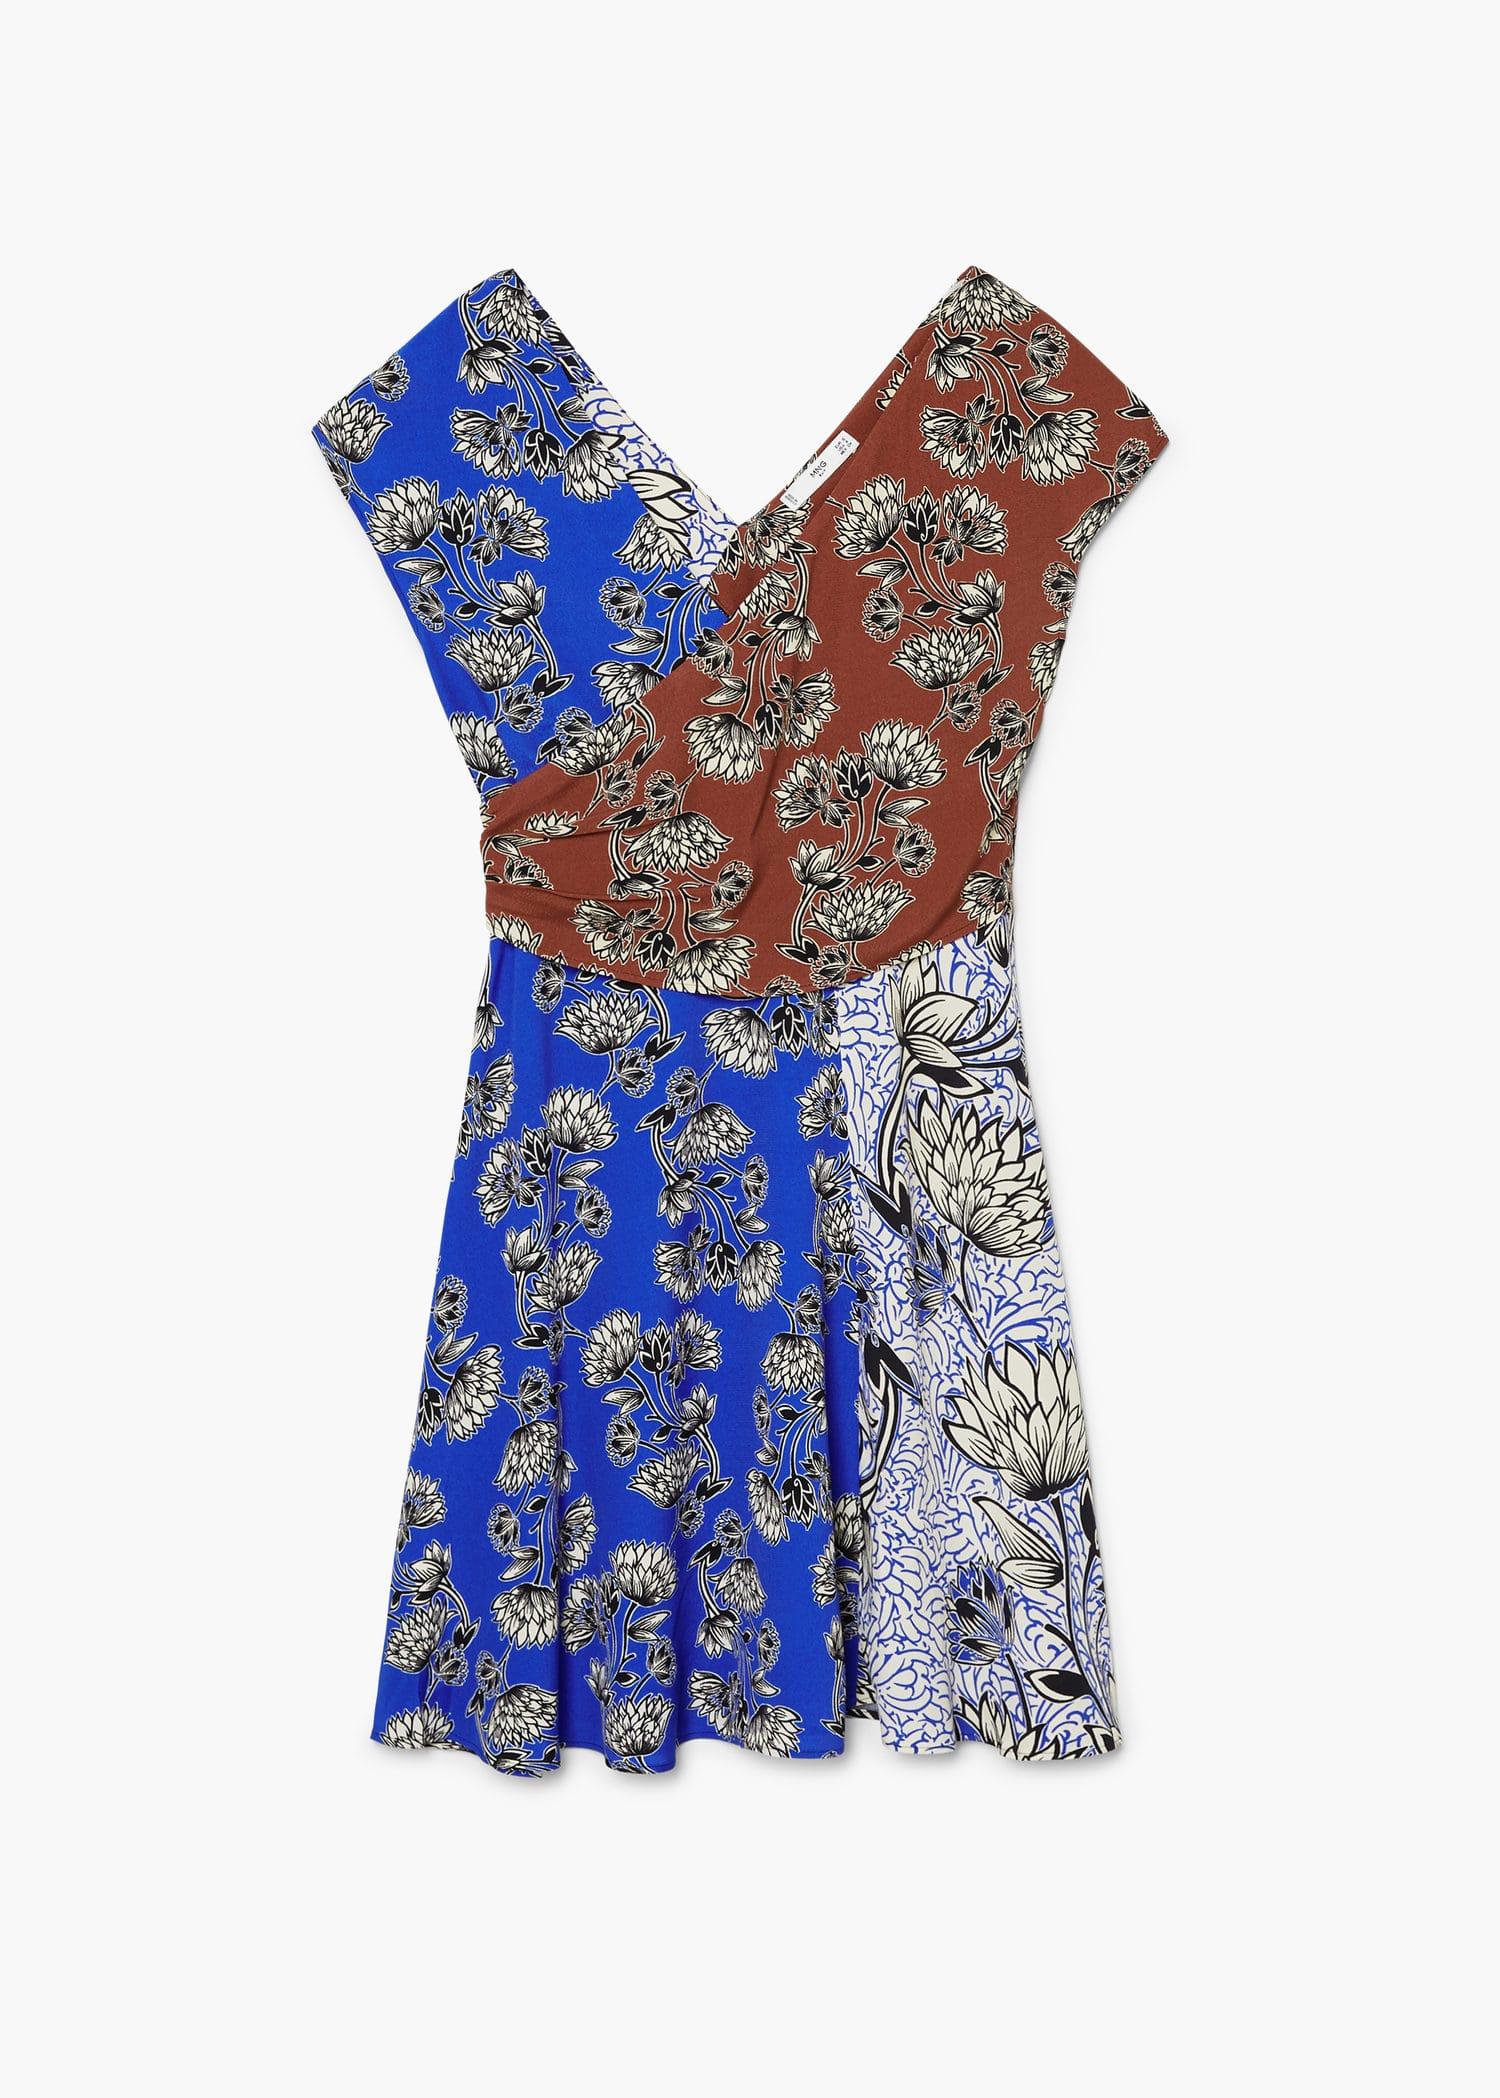 b0ff814363 Kombinált mintás ruha - f foRövid Női | MANGO Magyarország